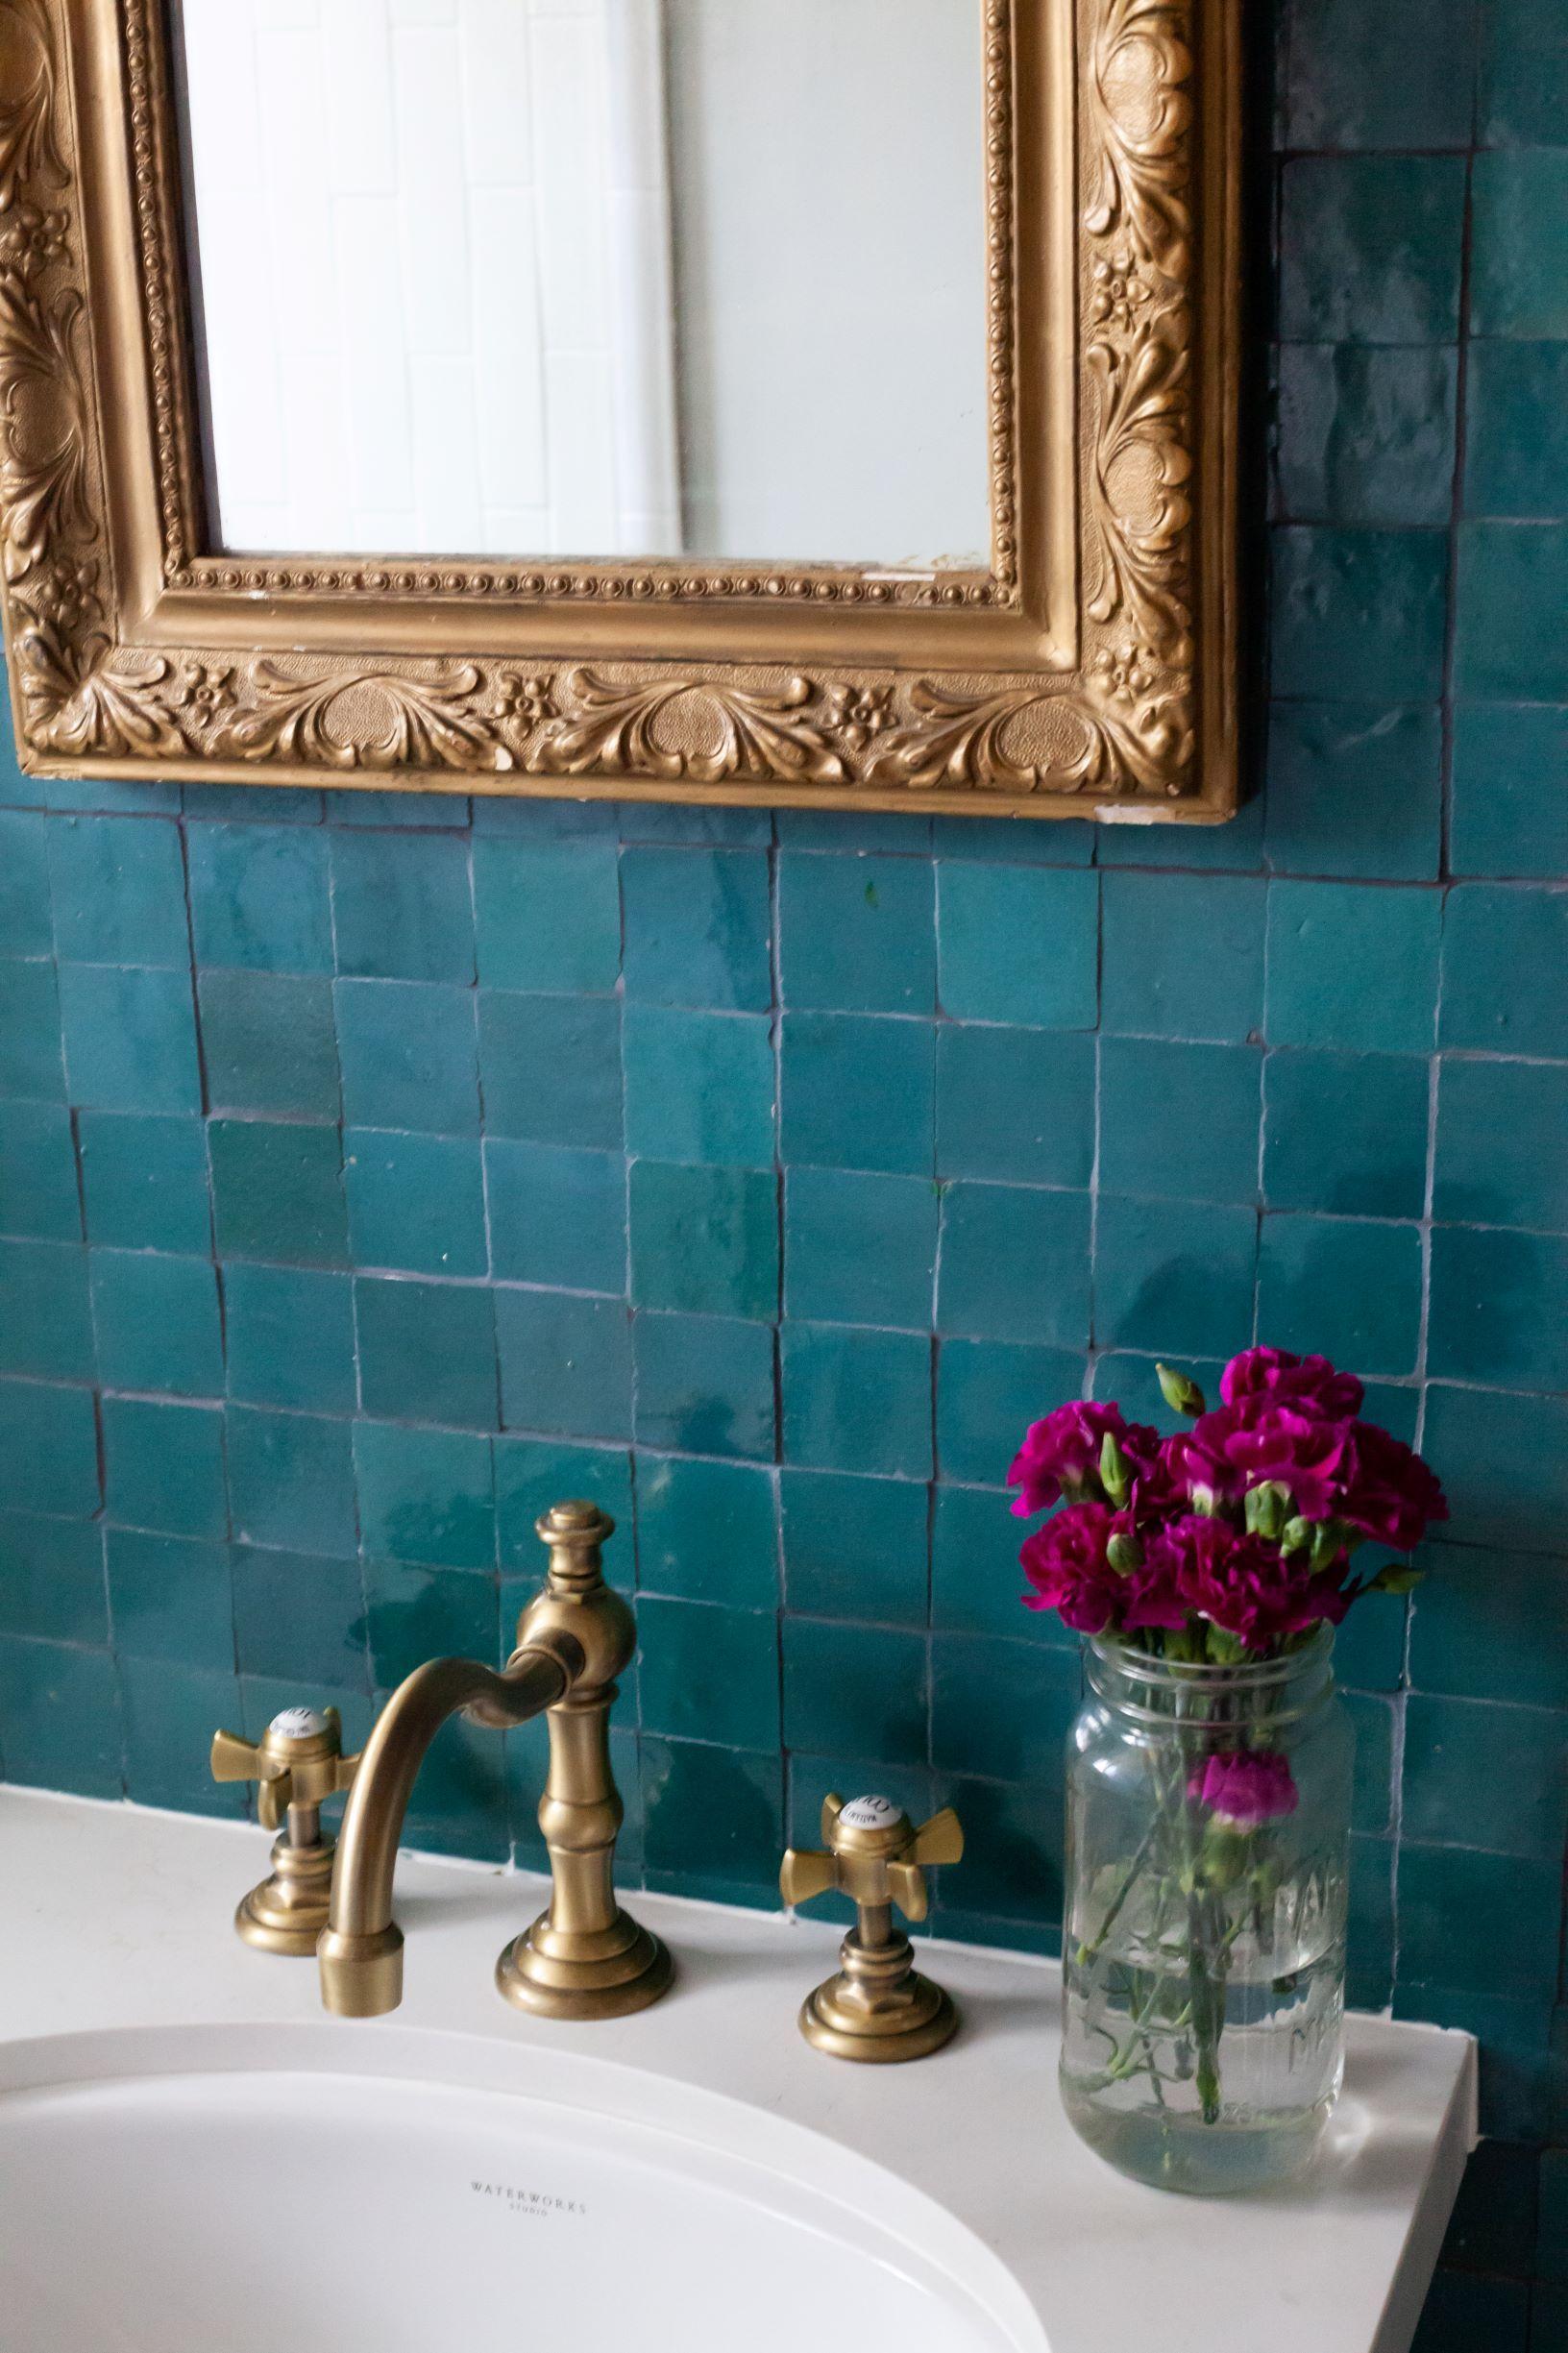 Photo of clé zellige teal blue bathroom backsplash